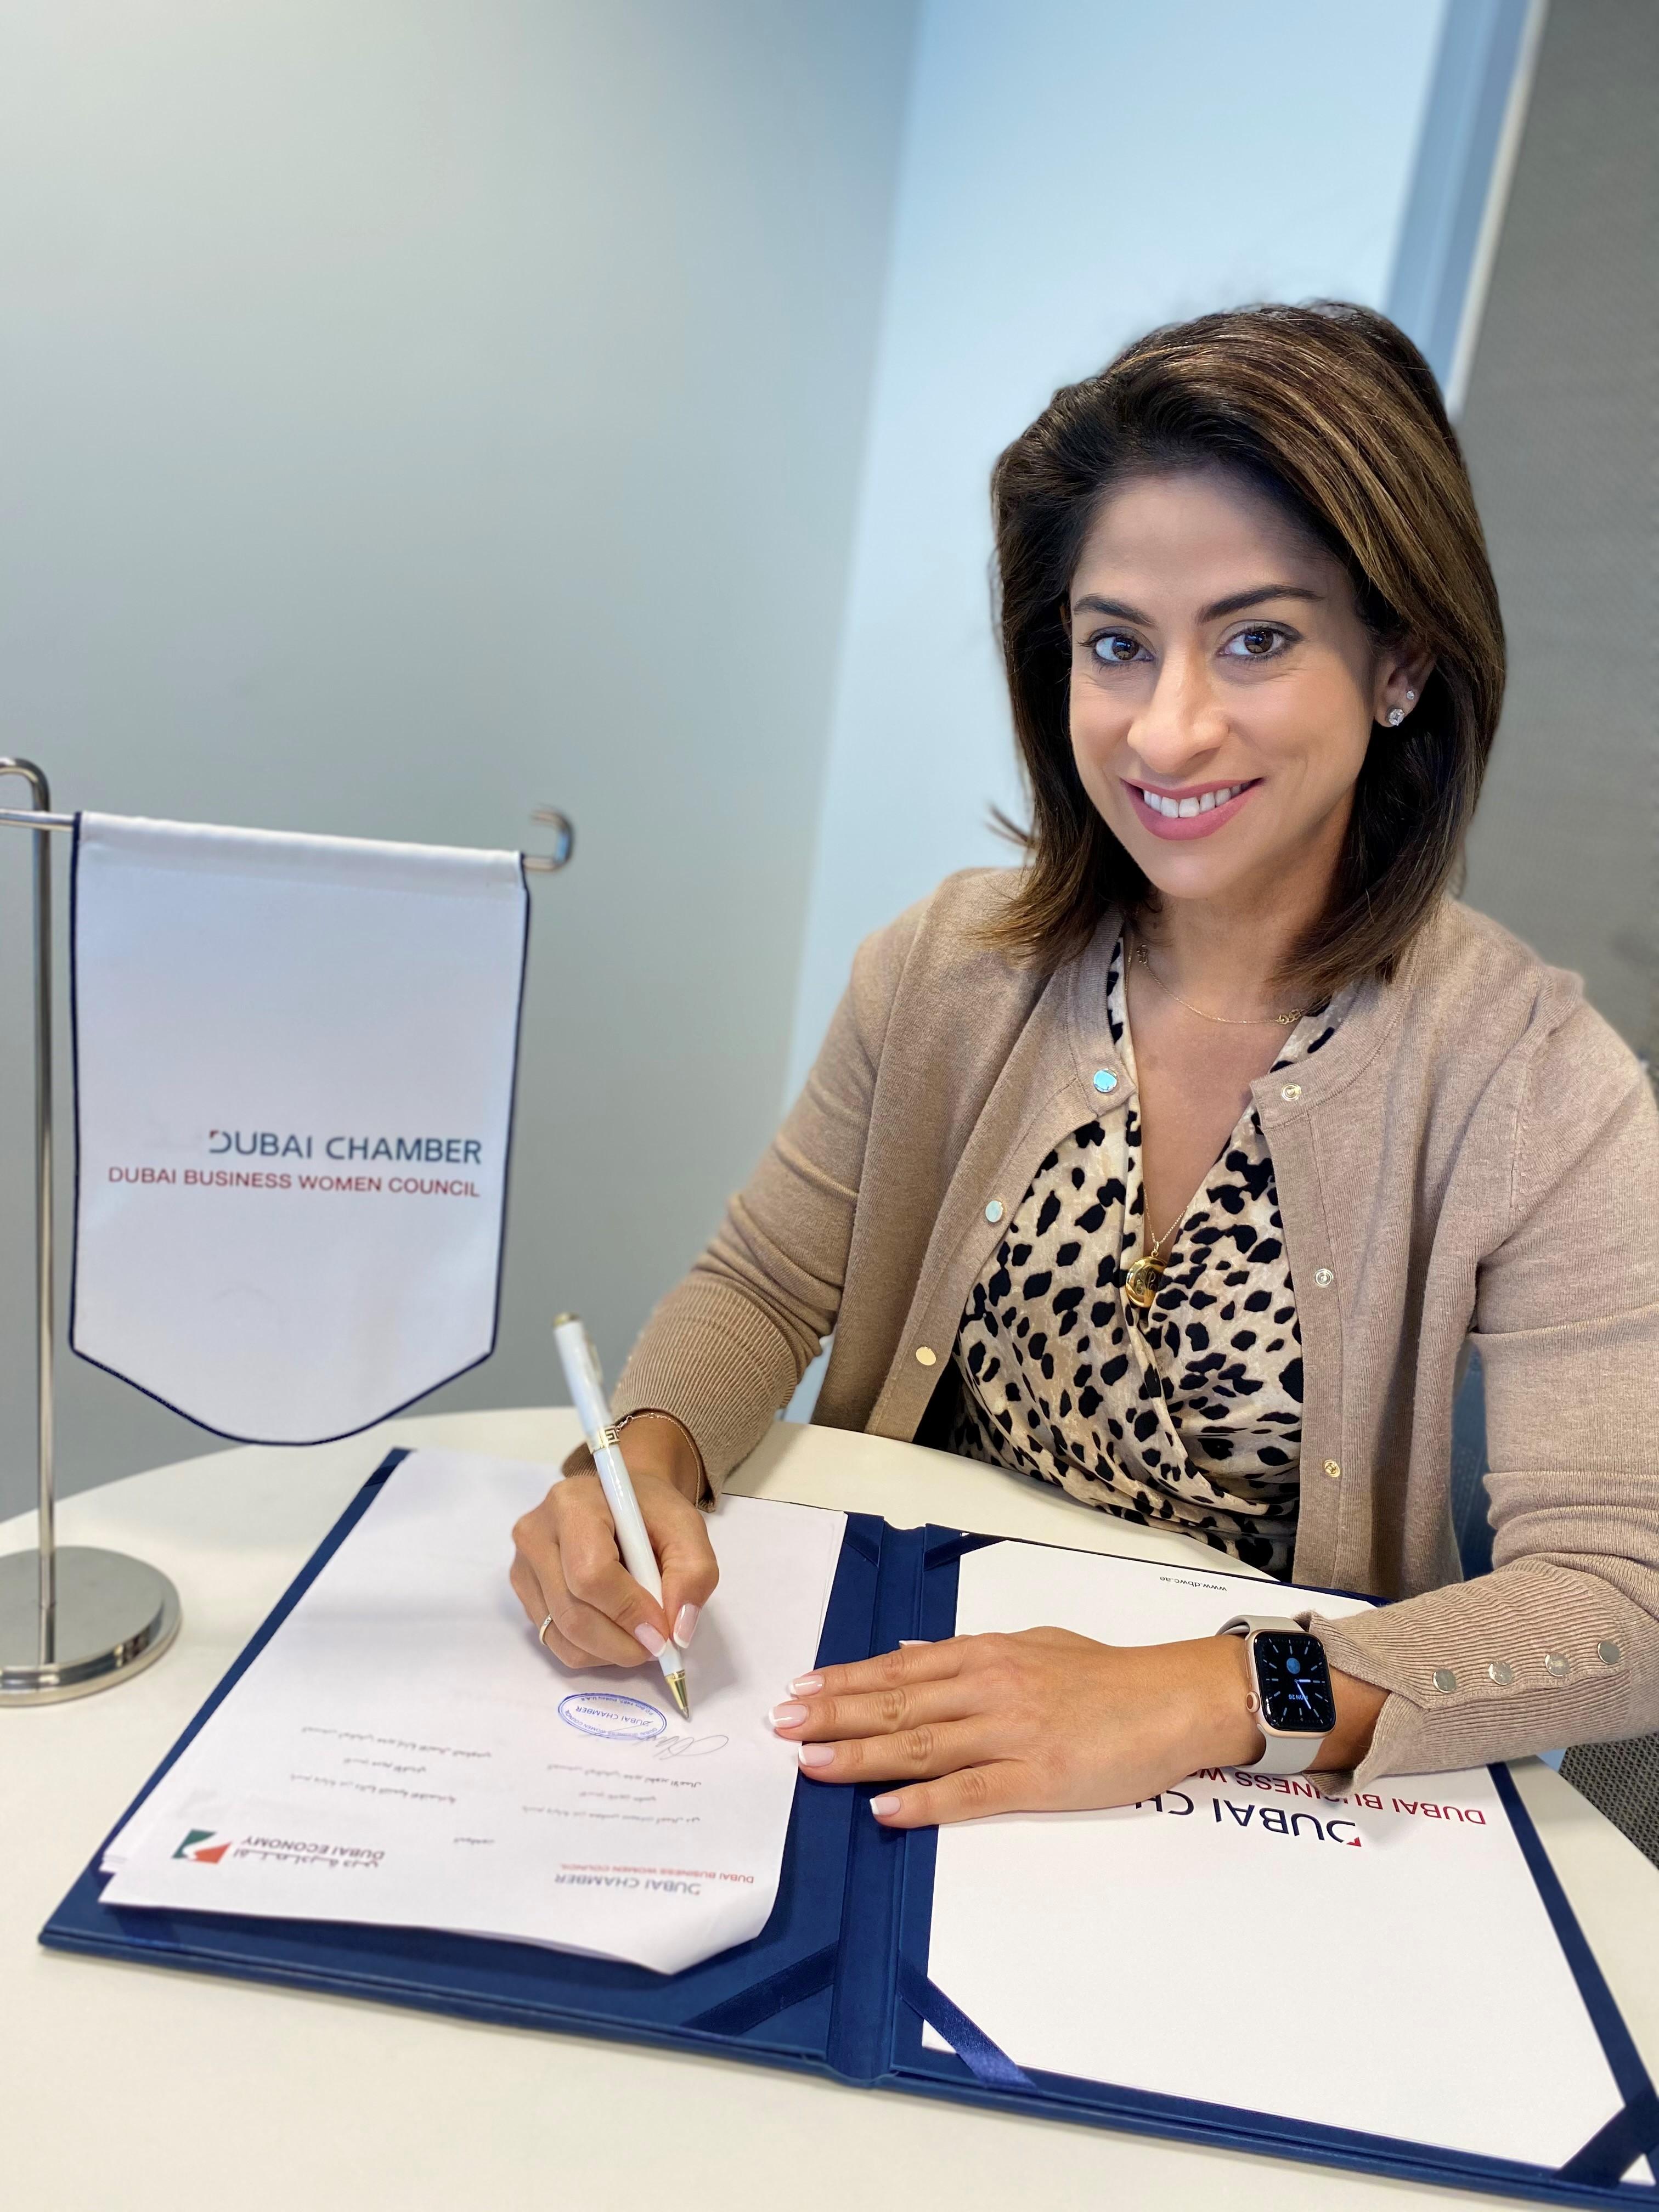 """""""سيدات أعمال دبي"""" ودائرة التنمية الاقتصادية يتعاونان لدعم رائدات الأعمال"""